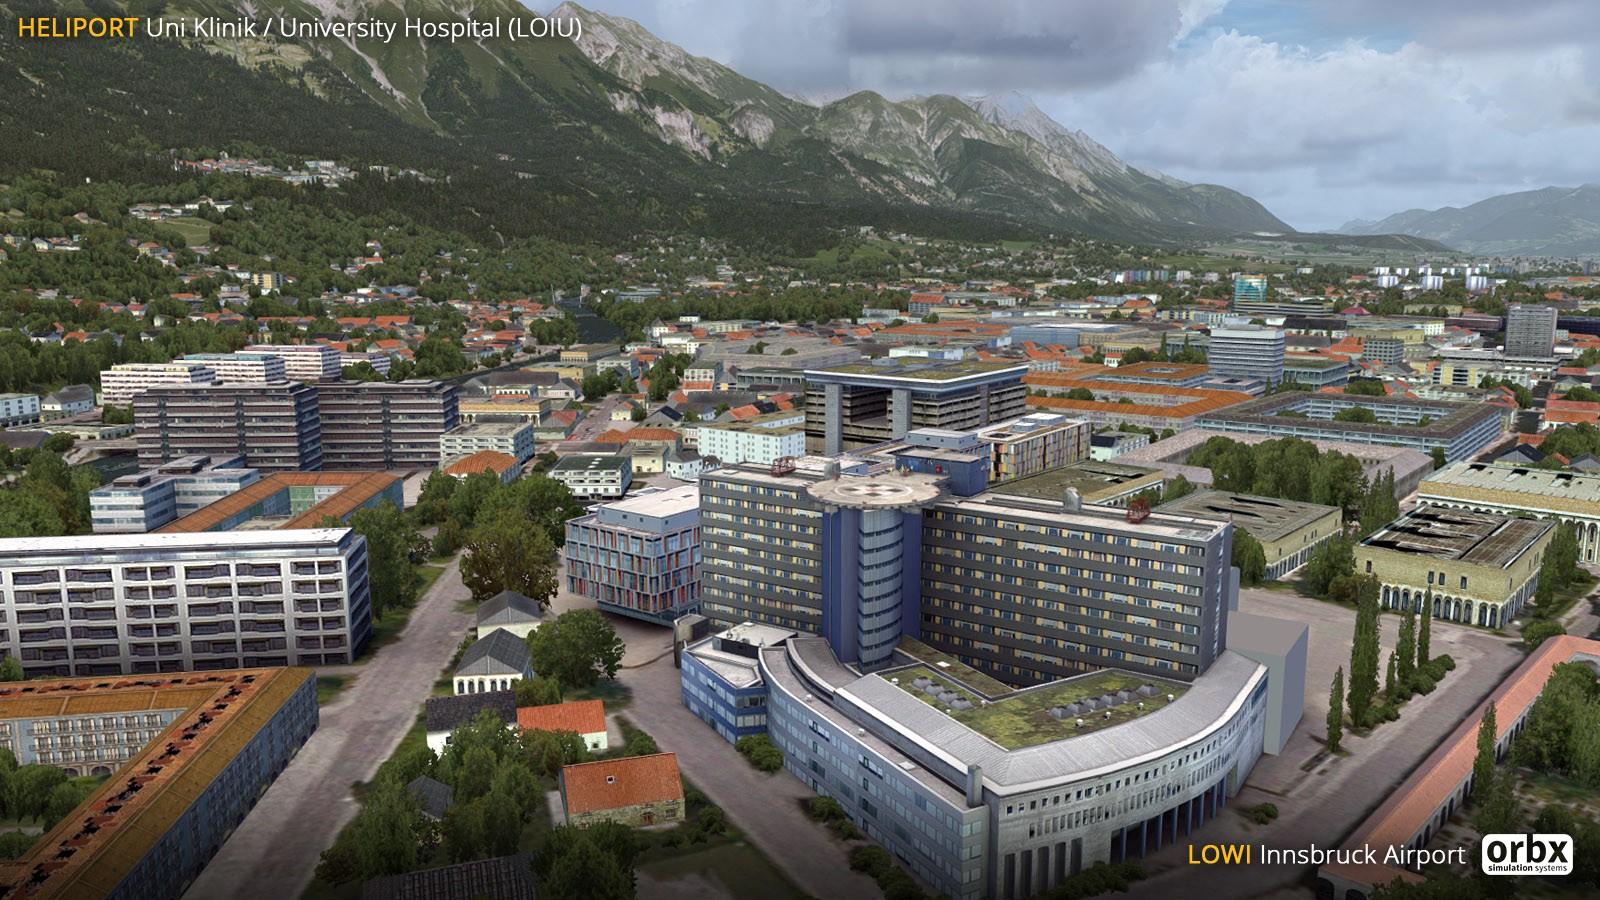 LOWI Innsbruck Airport